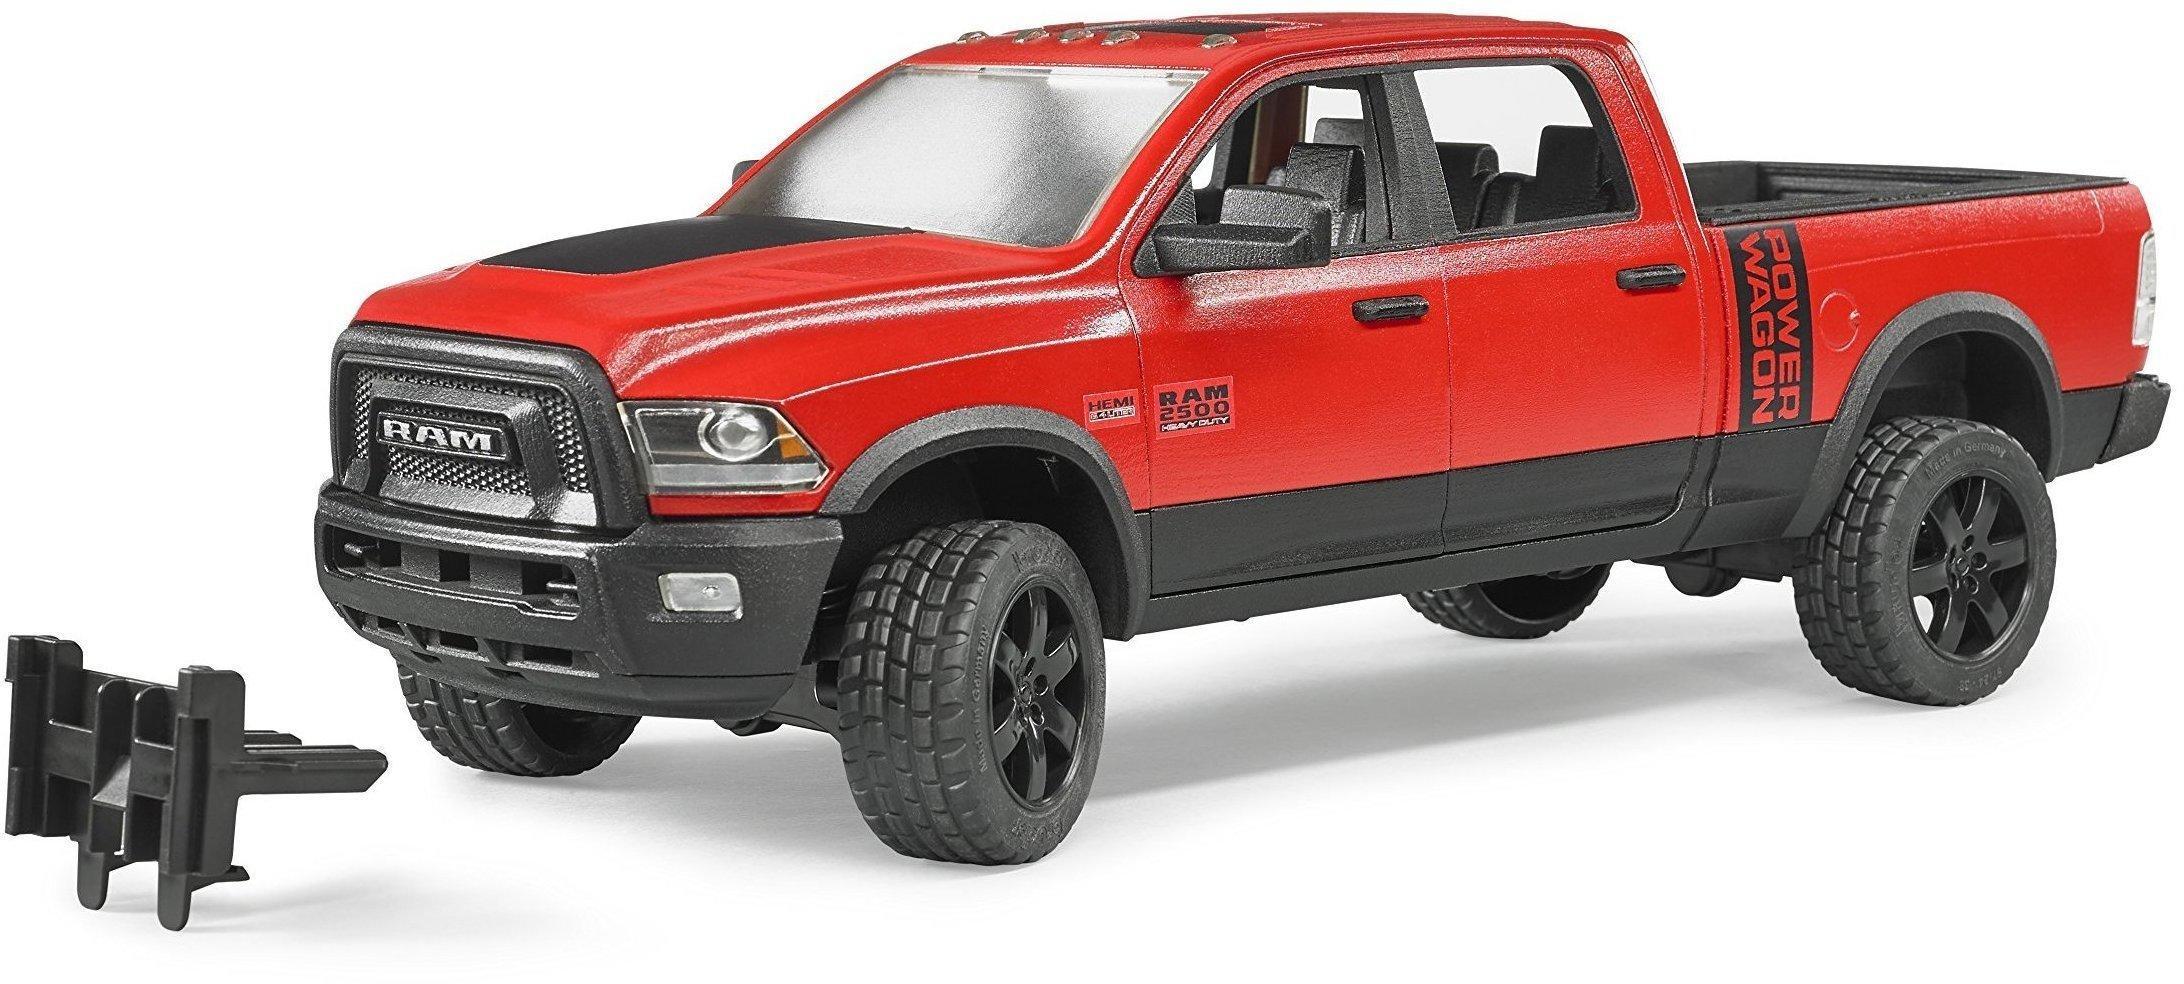 Spielzeugautos Bruder RAM 2500 Power Wagon mit Anhänger Personal Watercraft und Fahrer